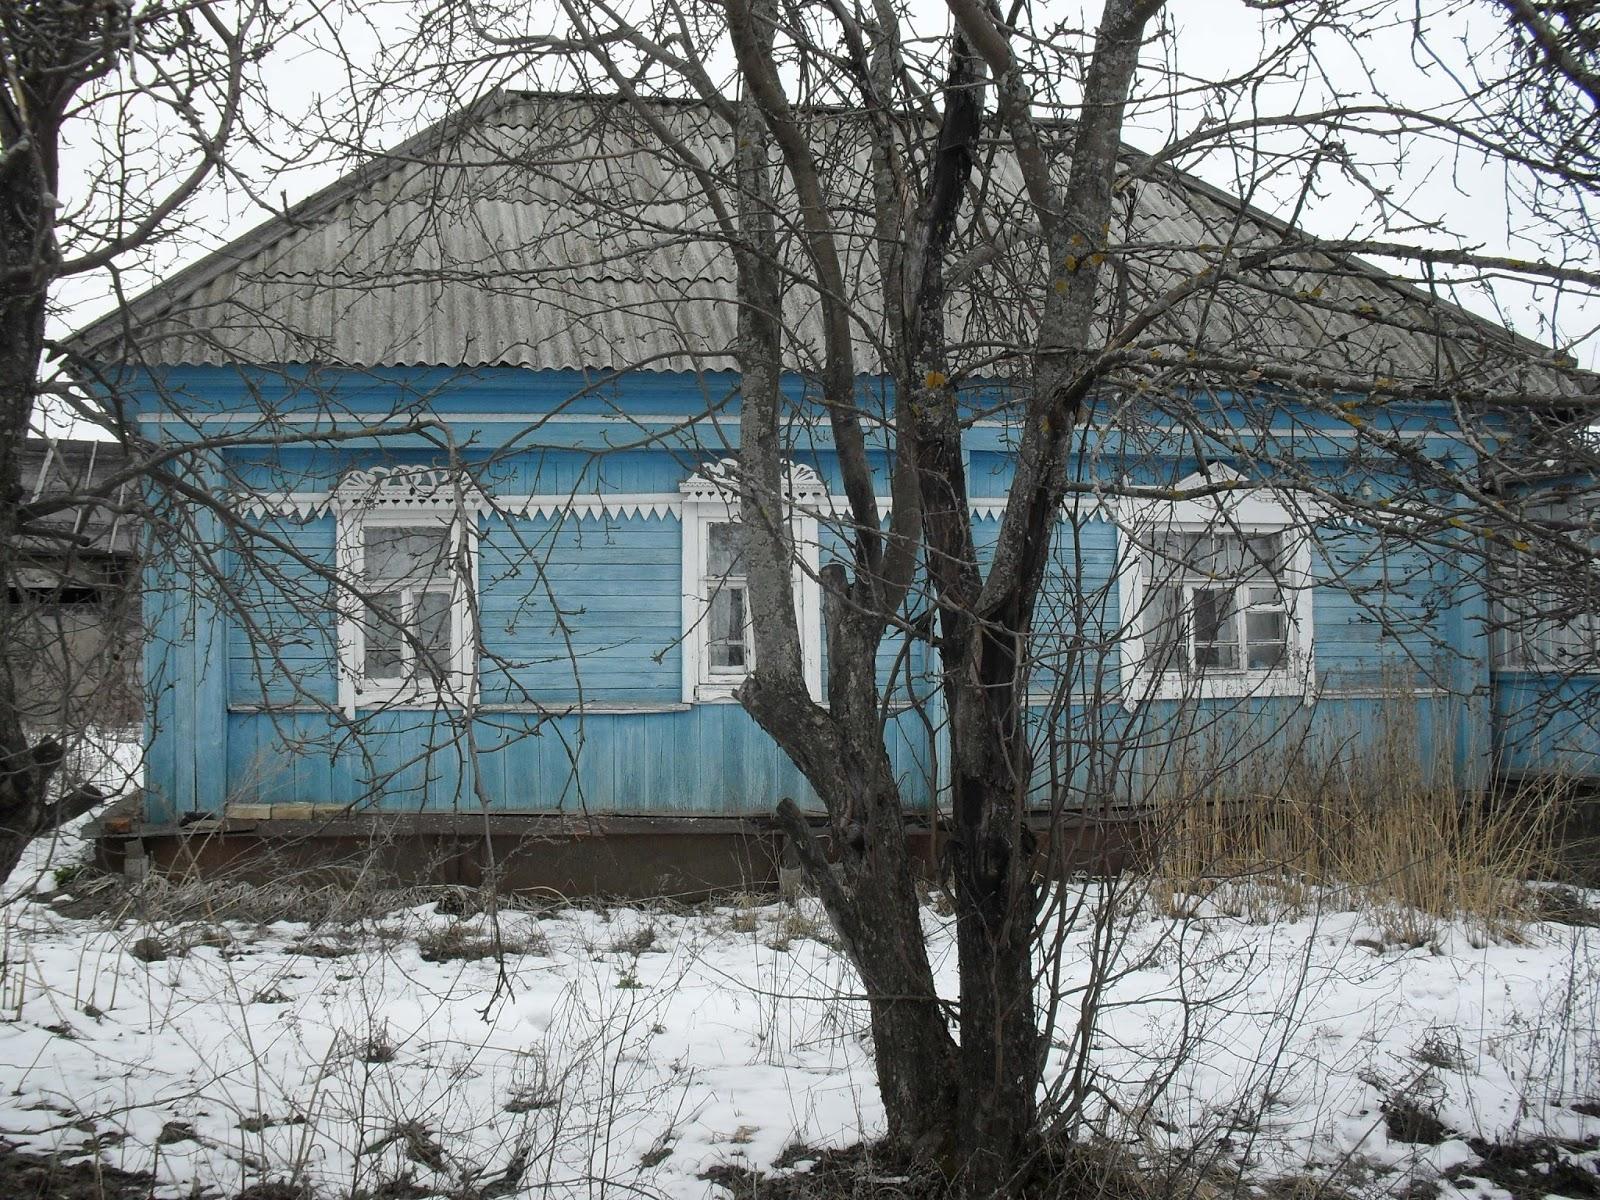 продажа домов в рязанской области недорого с фото